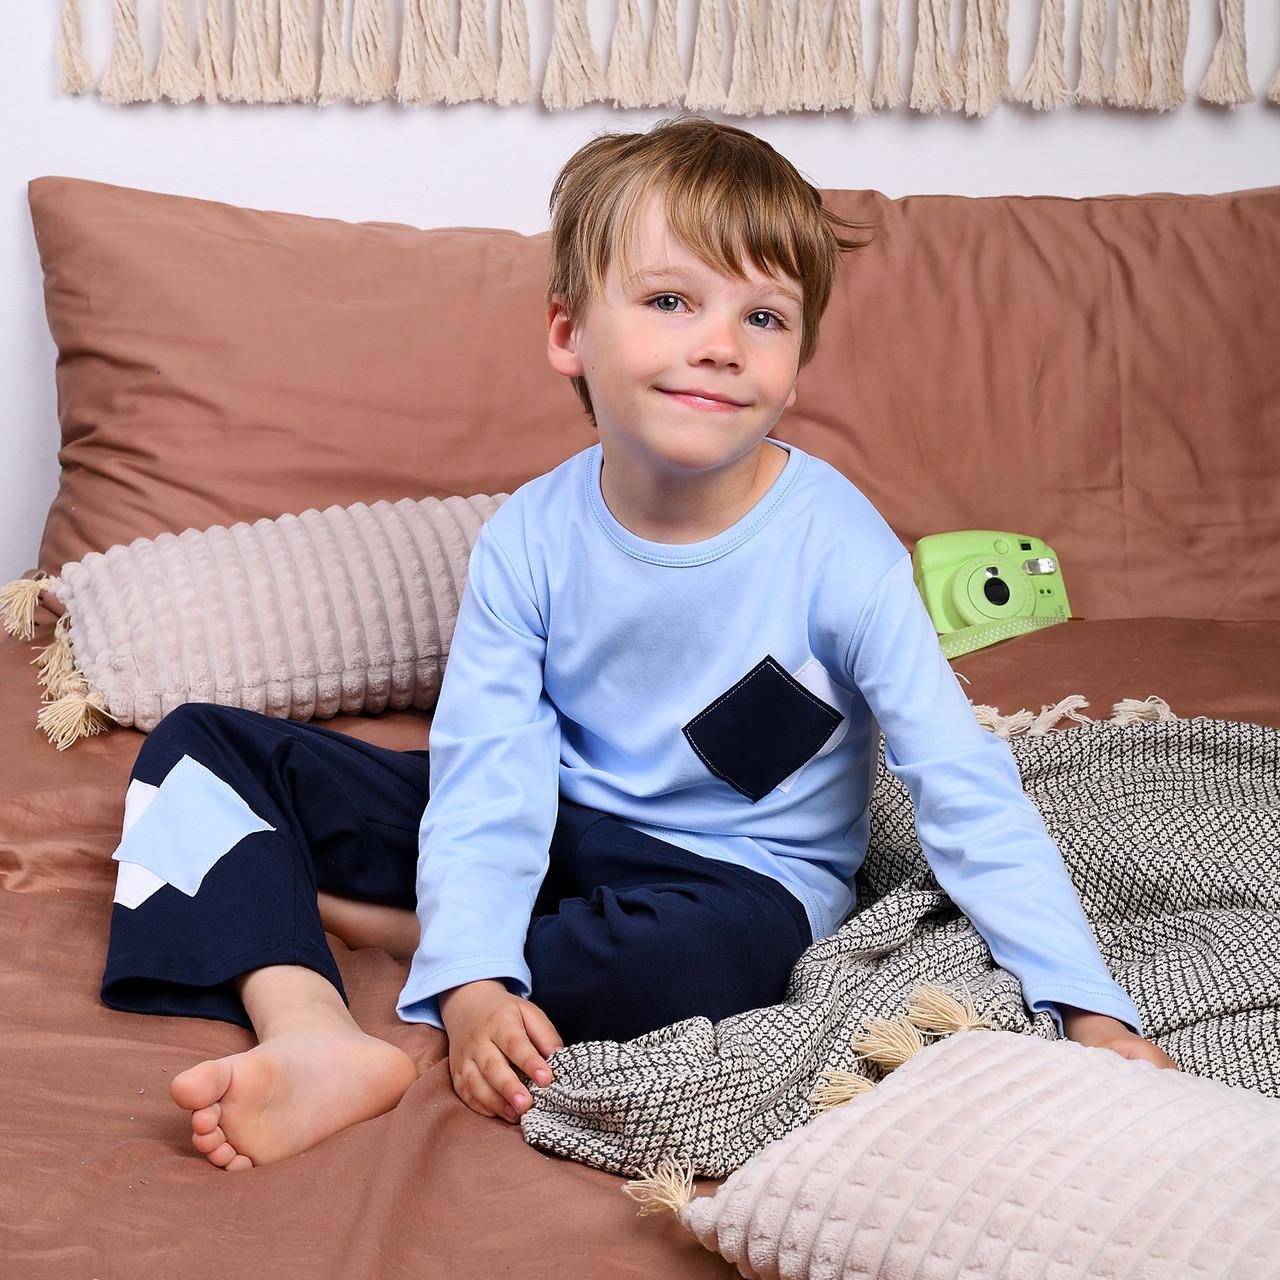 Детская пижама для мальчика (футболка с длинным рукавом + штаны) Интерлок |  Дитяча піжама для хлопчика